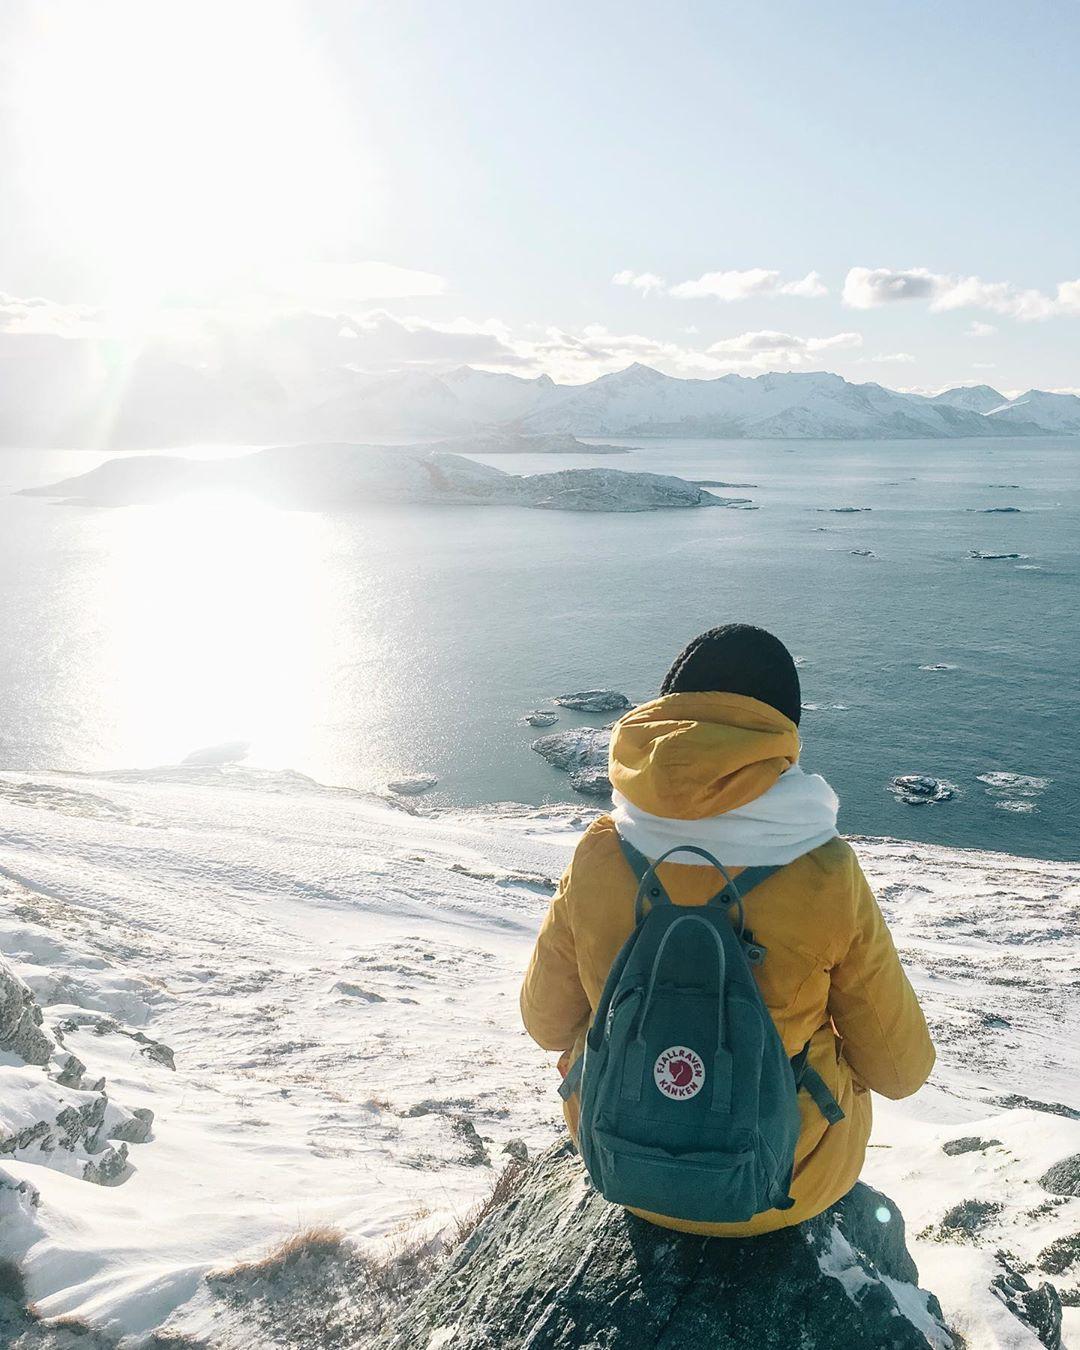 Không đồng hồ, không máy chấm công, phong cảnh lại tuyệt đẹp, hòn đảo này chính xác là nơi mà ai đang áp lực cũng muốn trốn đến - Ảnh 5.